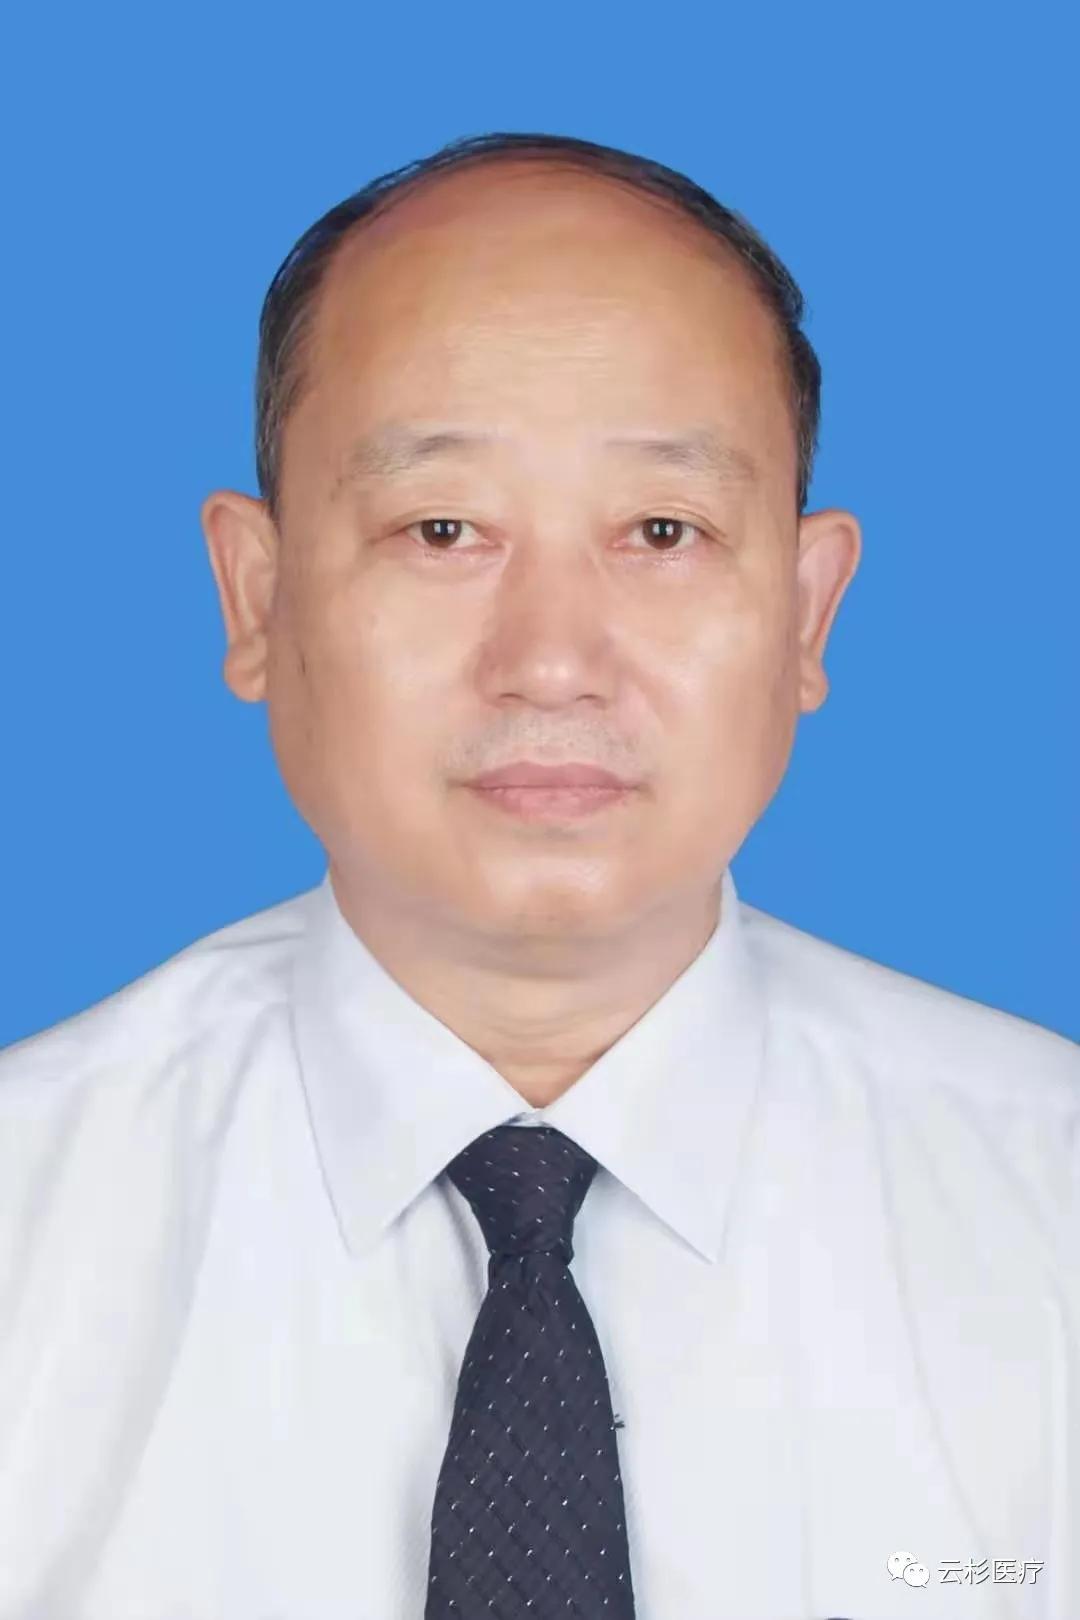 郭氏正骨传承人陈汴生教授——侠骨柔情书写妙手回春